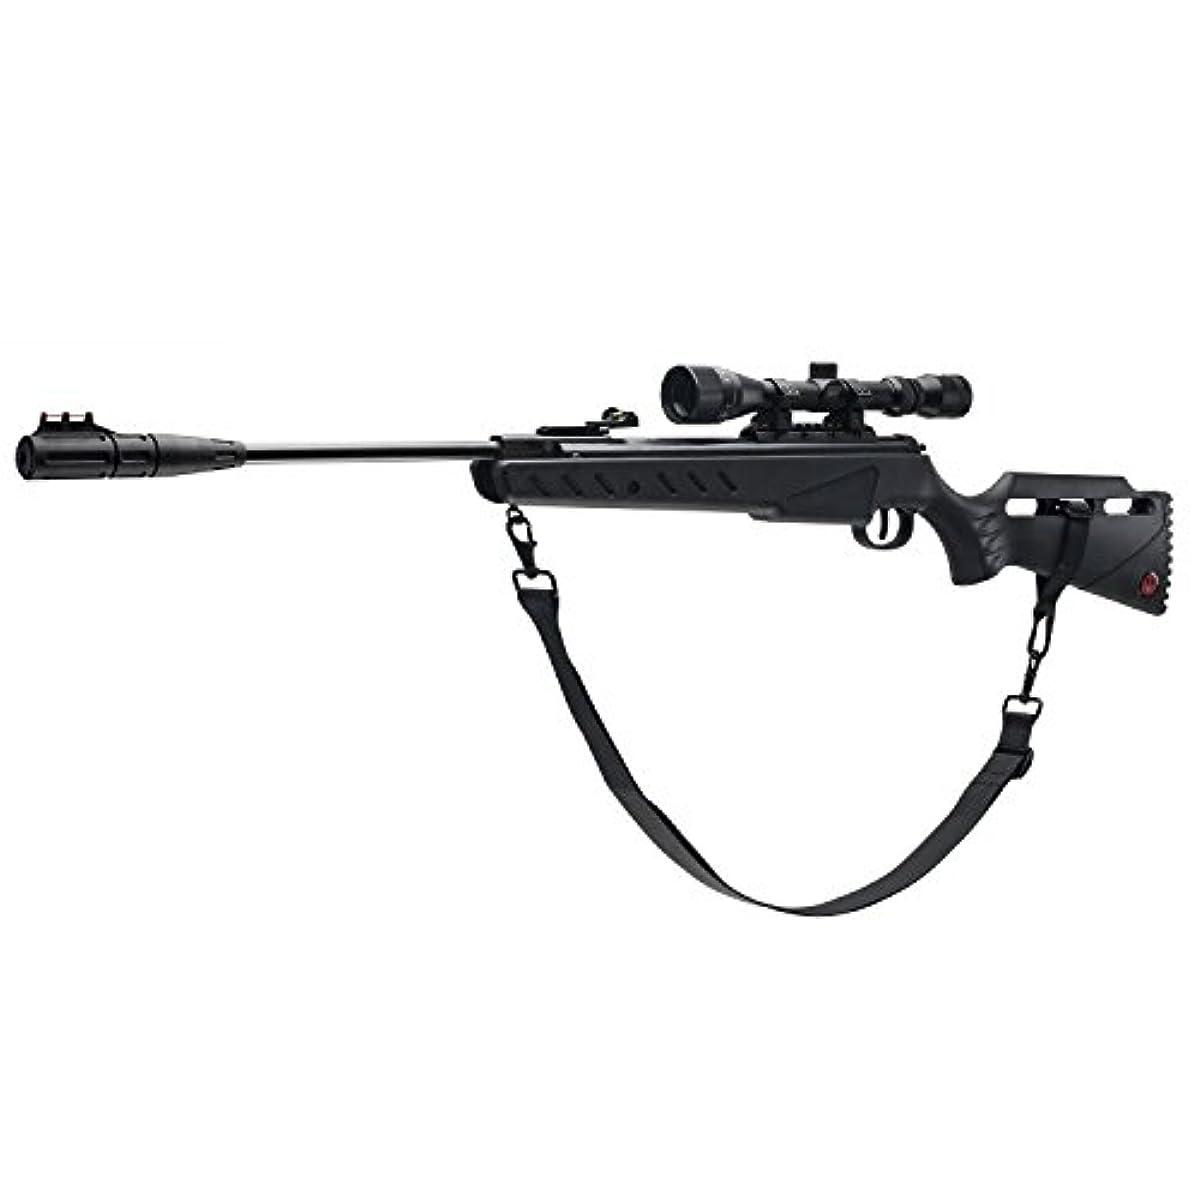 Details about Ruger Targis Hunter Max  22 Pellet Gun Rifle 1000 FPS